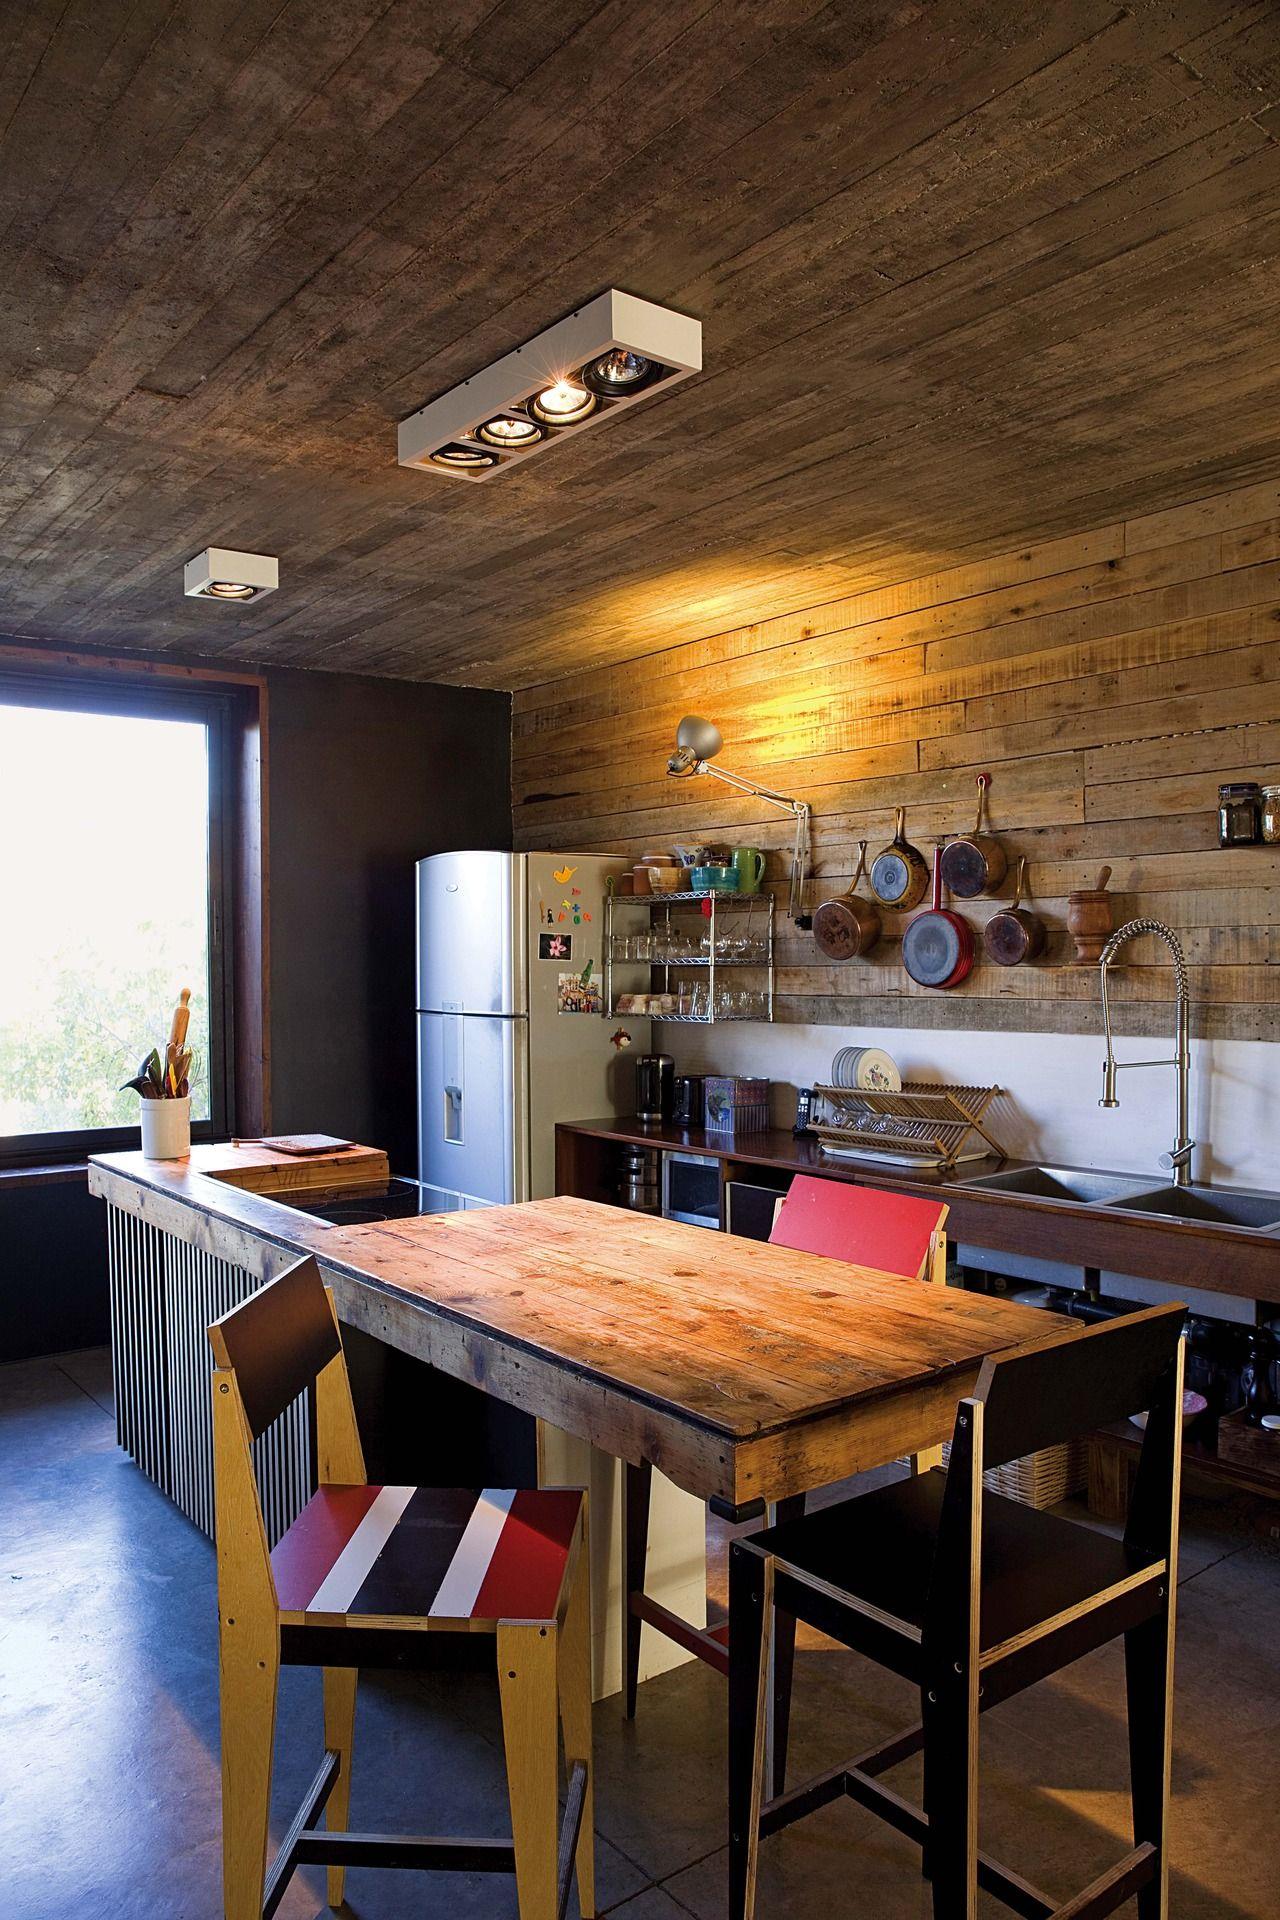 Una casa sustentable con detalles de dise o for Diseno de barras de bar rusticas